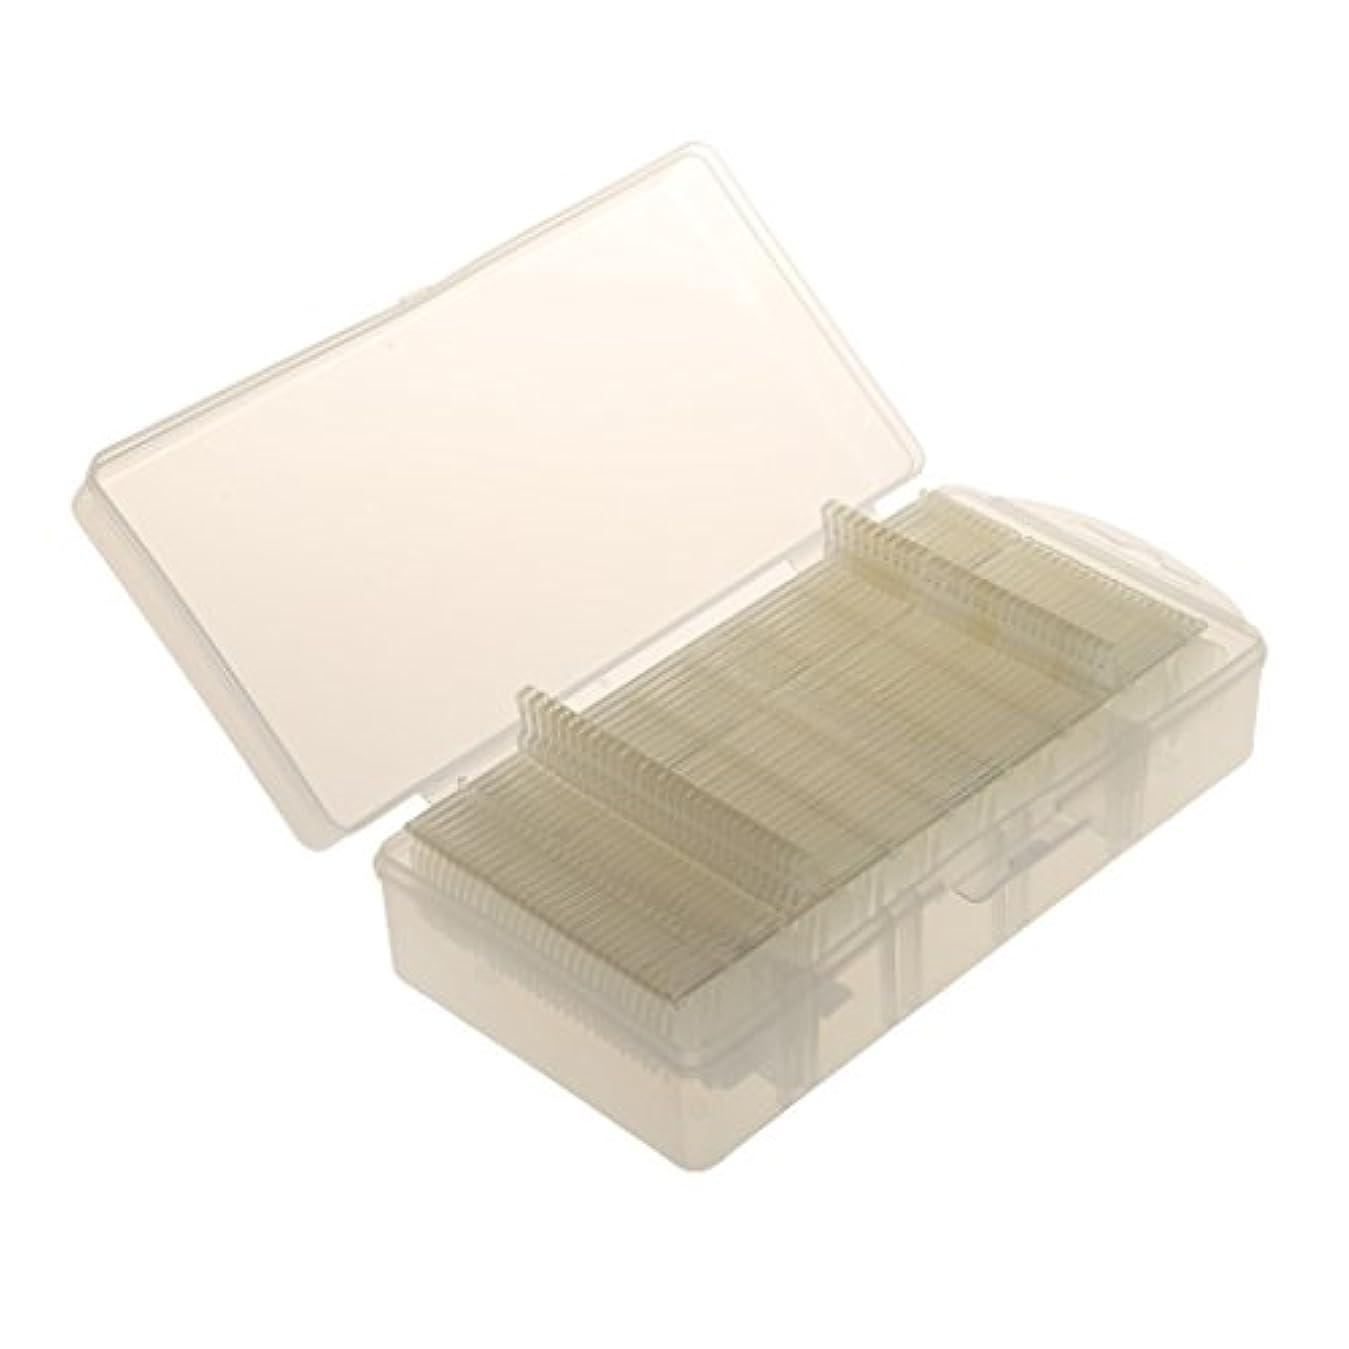 気味の悪い比較代数的DYNWAVE 300超薄型マット透明ネイルフルカバーチップデコレーションクリア